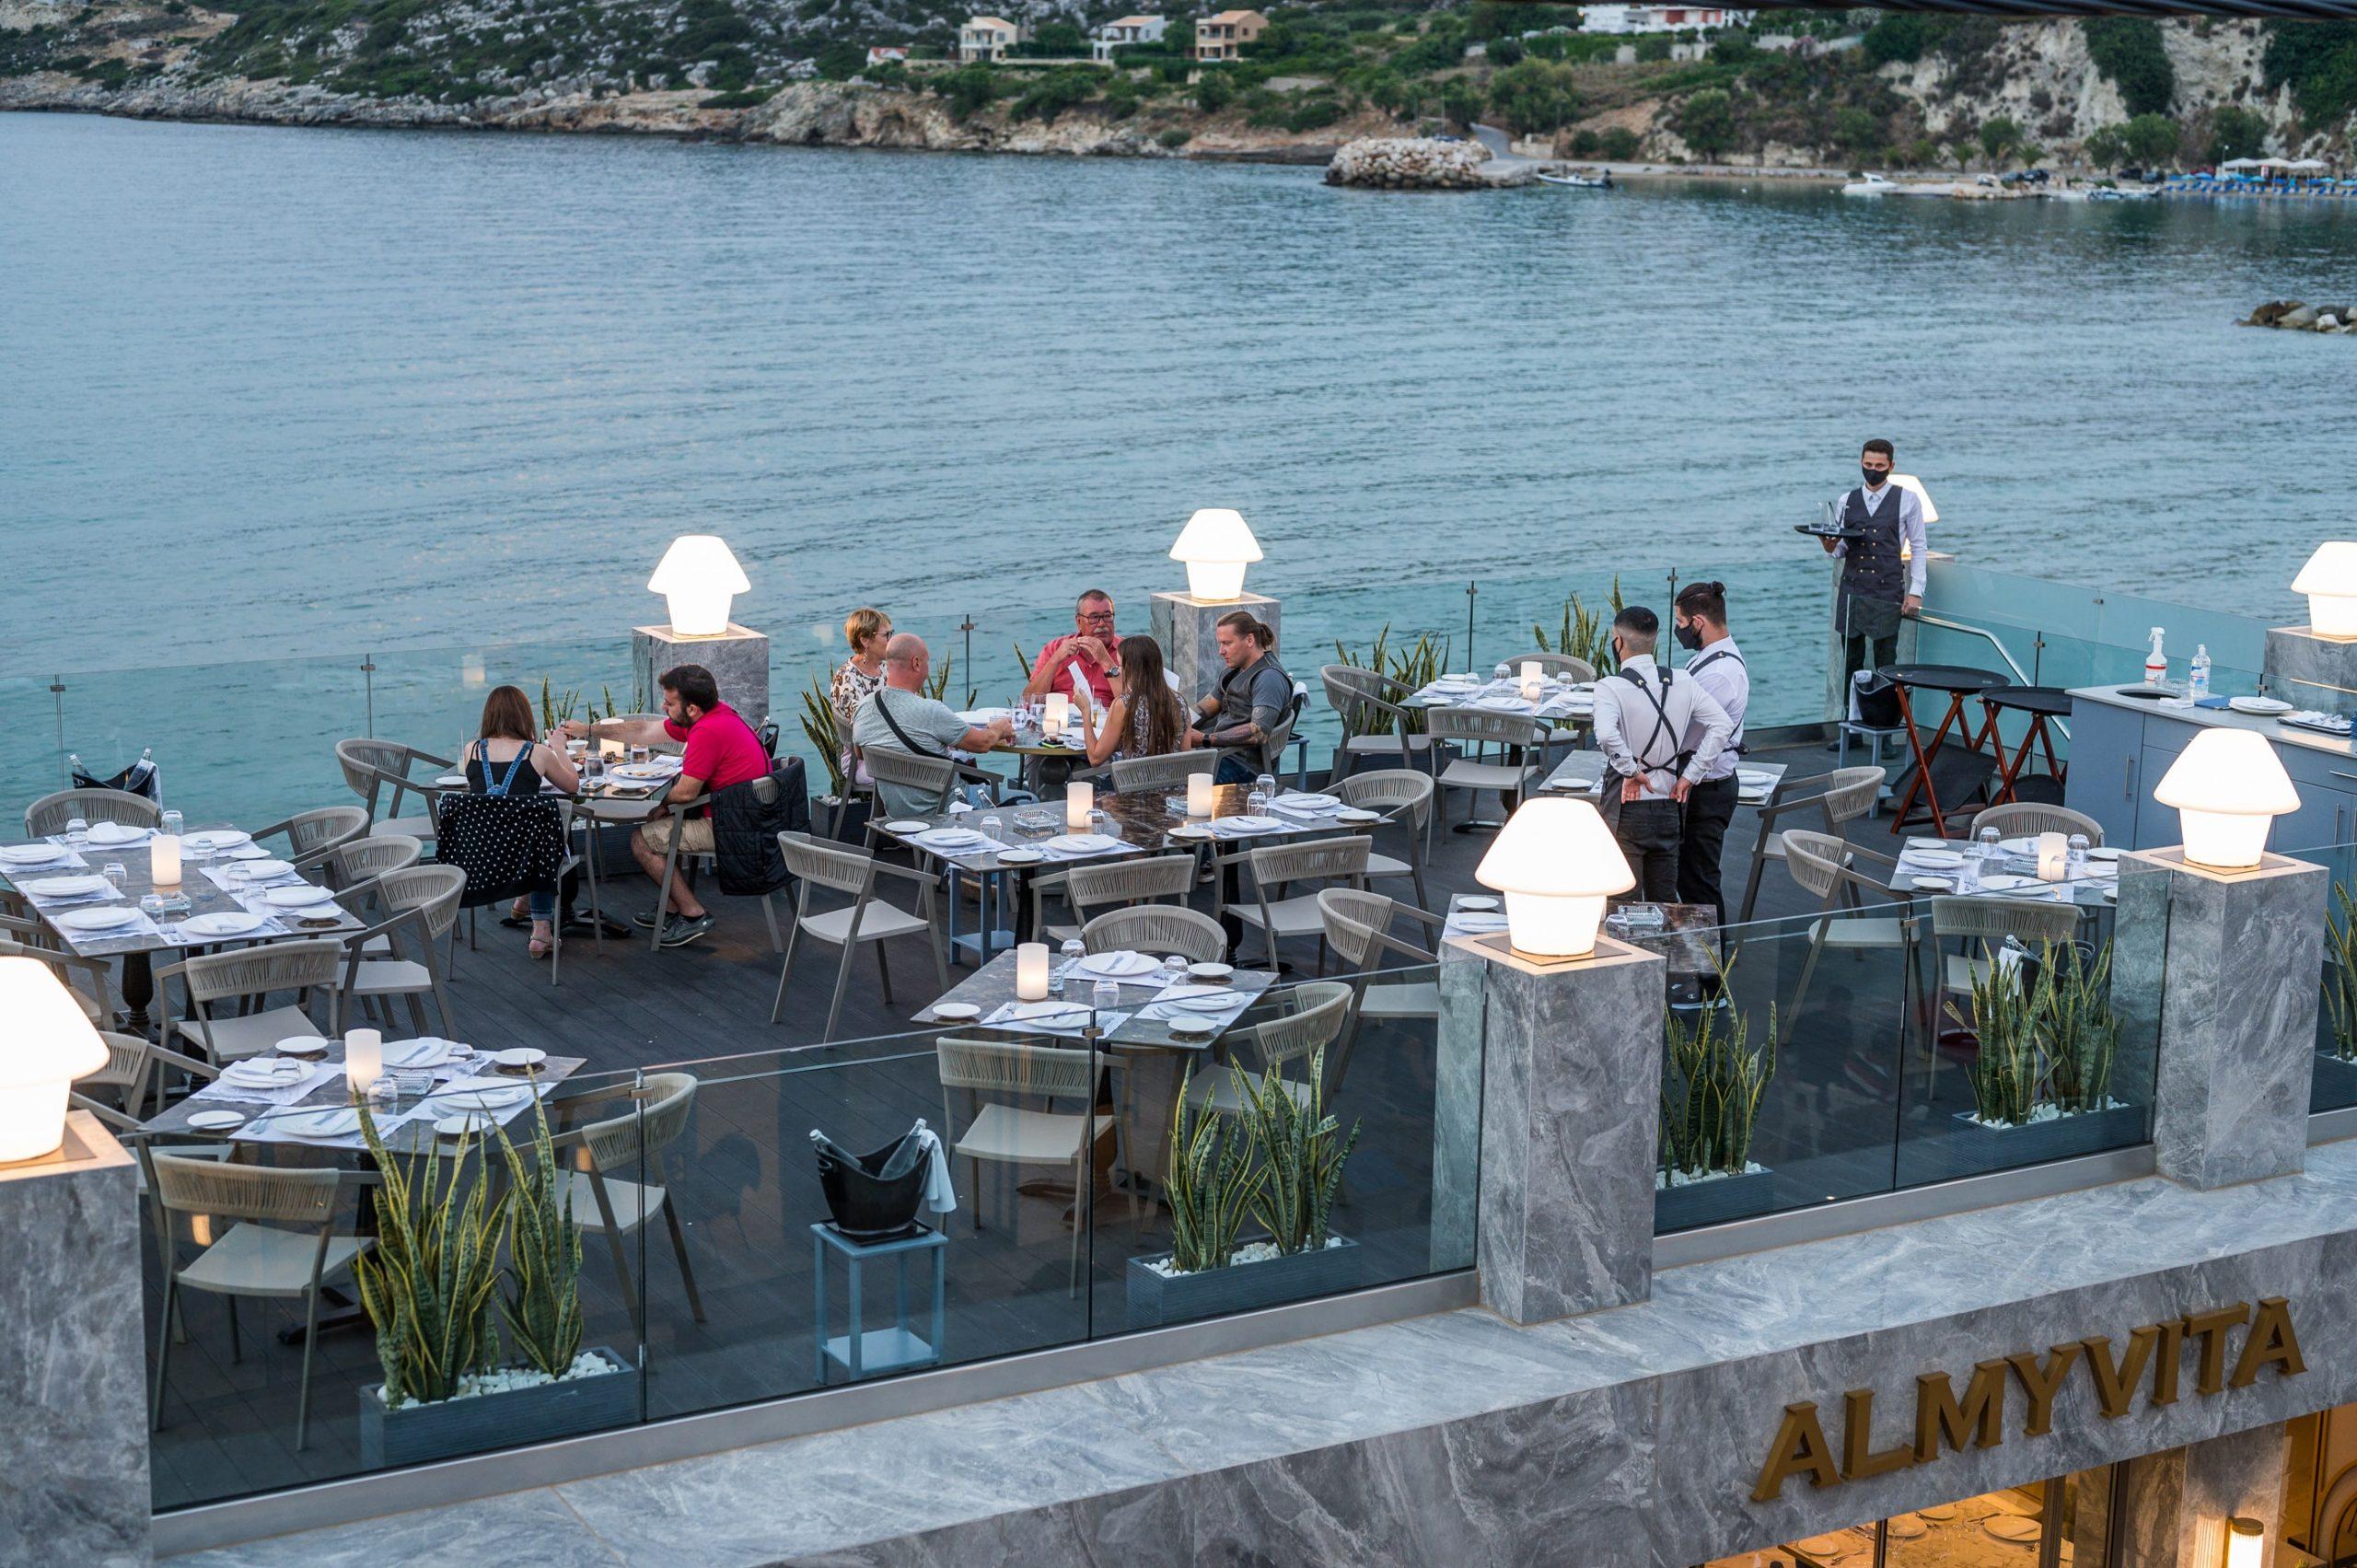 Πολυτελή Εστιατόρια στα Χανιά- Γκουρμέ Εστιατόριο Almyvita- Γκουρμέ Εστιατόρια Χανιά- Εστιατόριο Πολυτελείας στα Χανιά